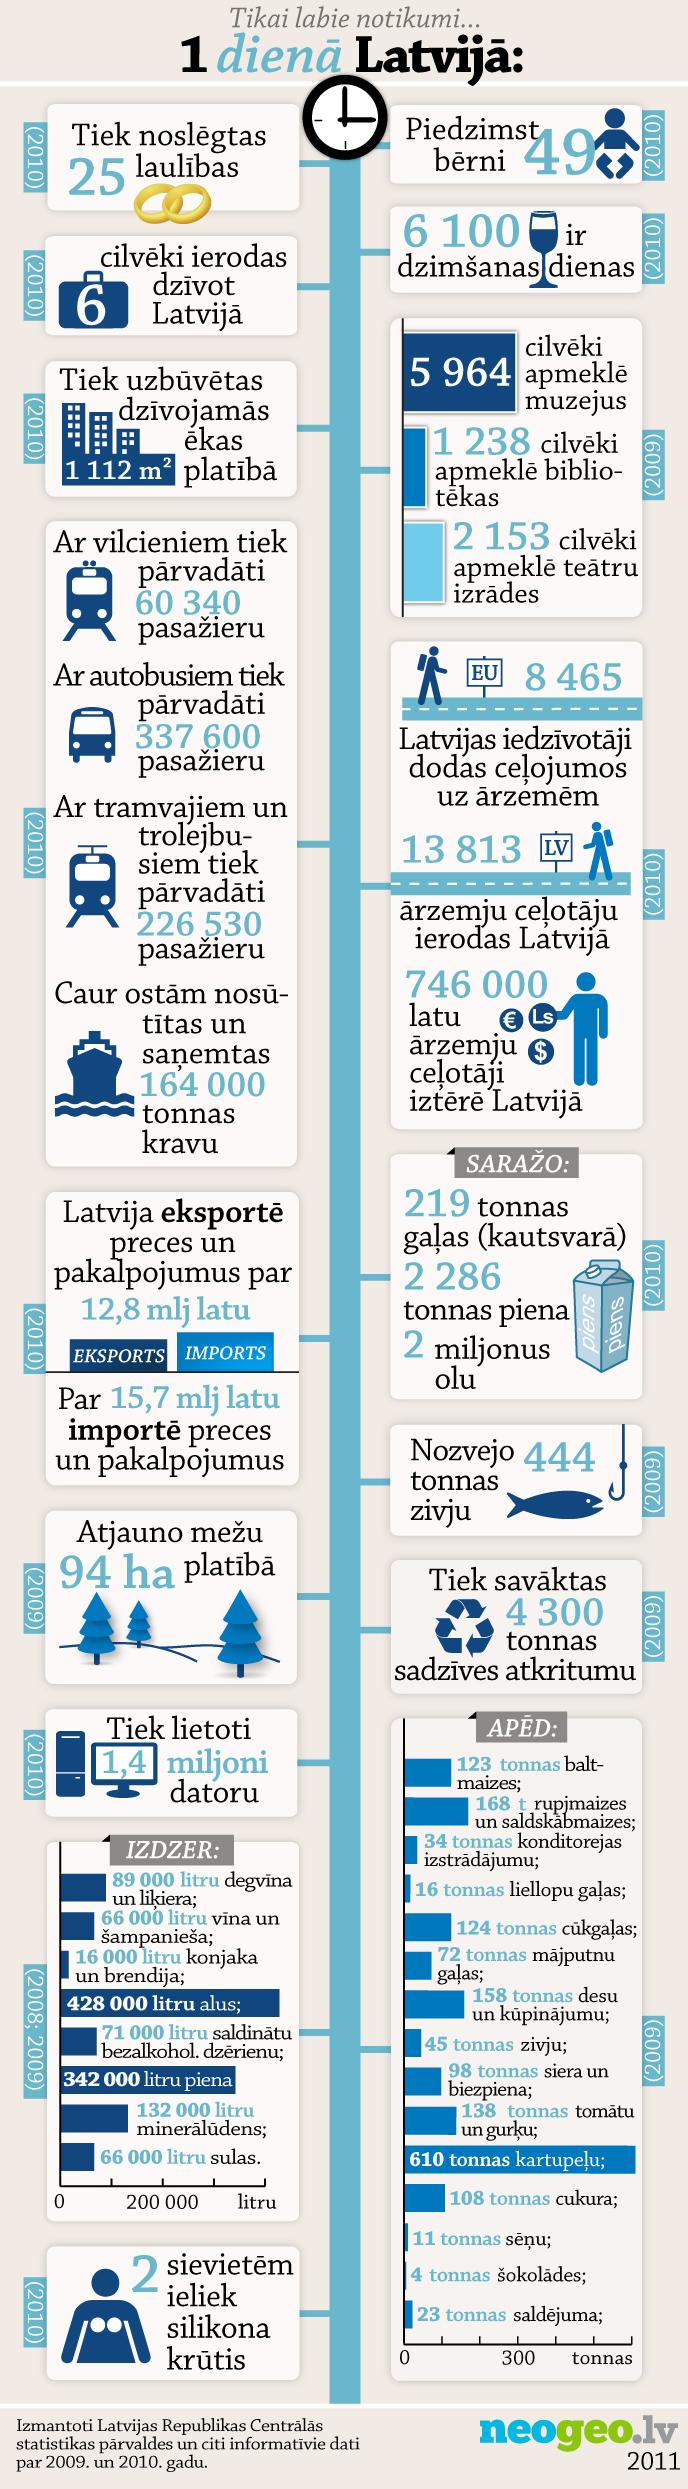 Infografika: 1 laba diena Latvijā